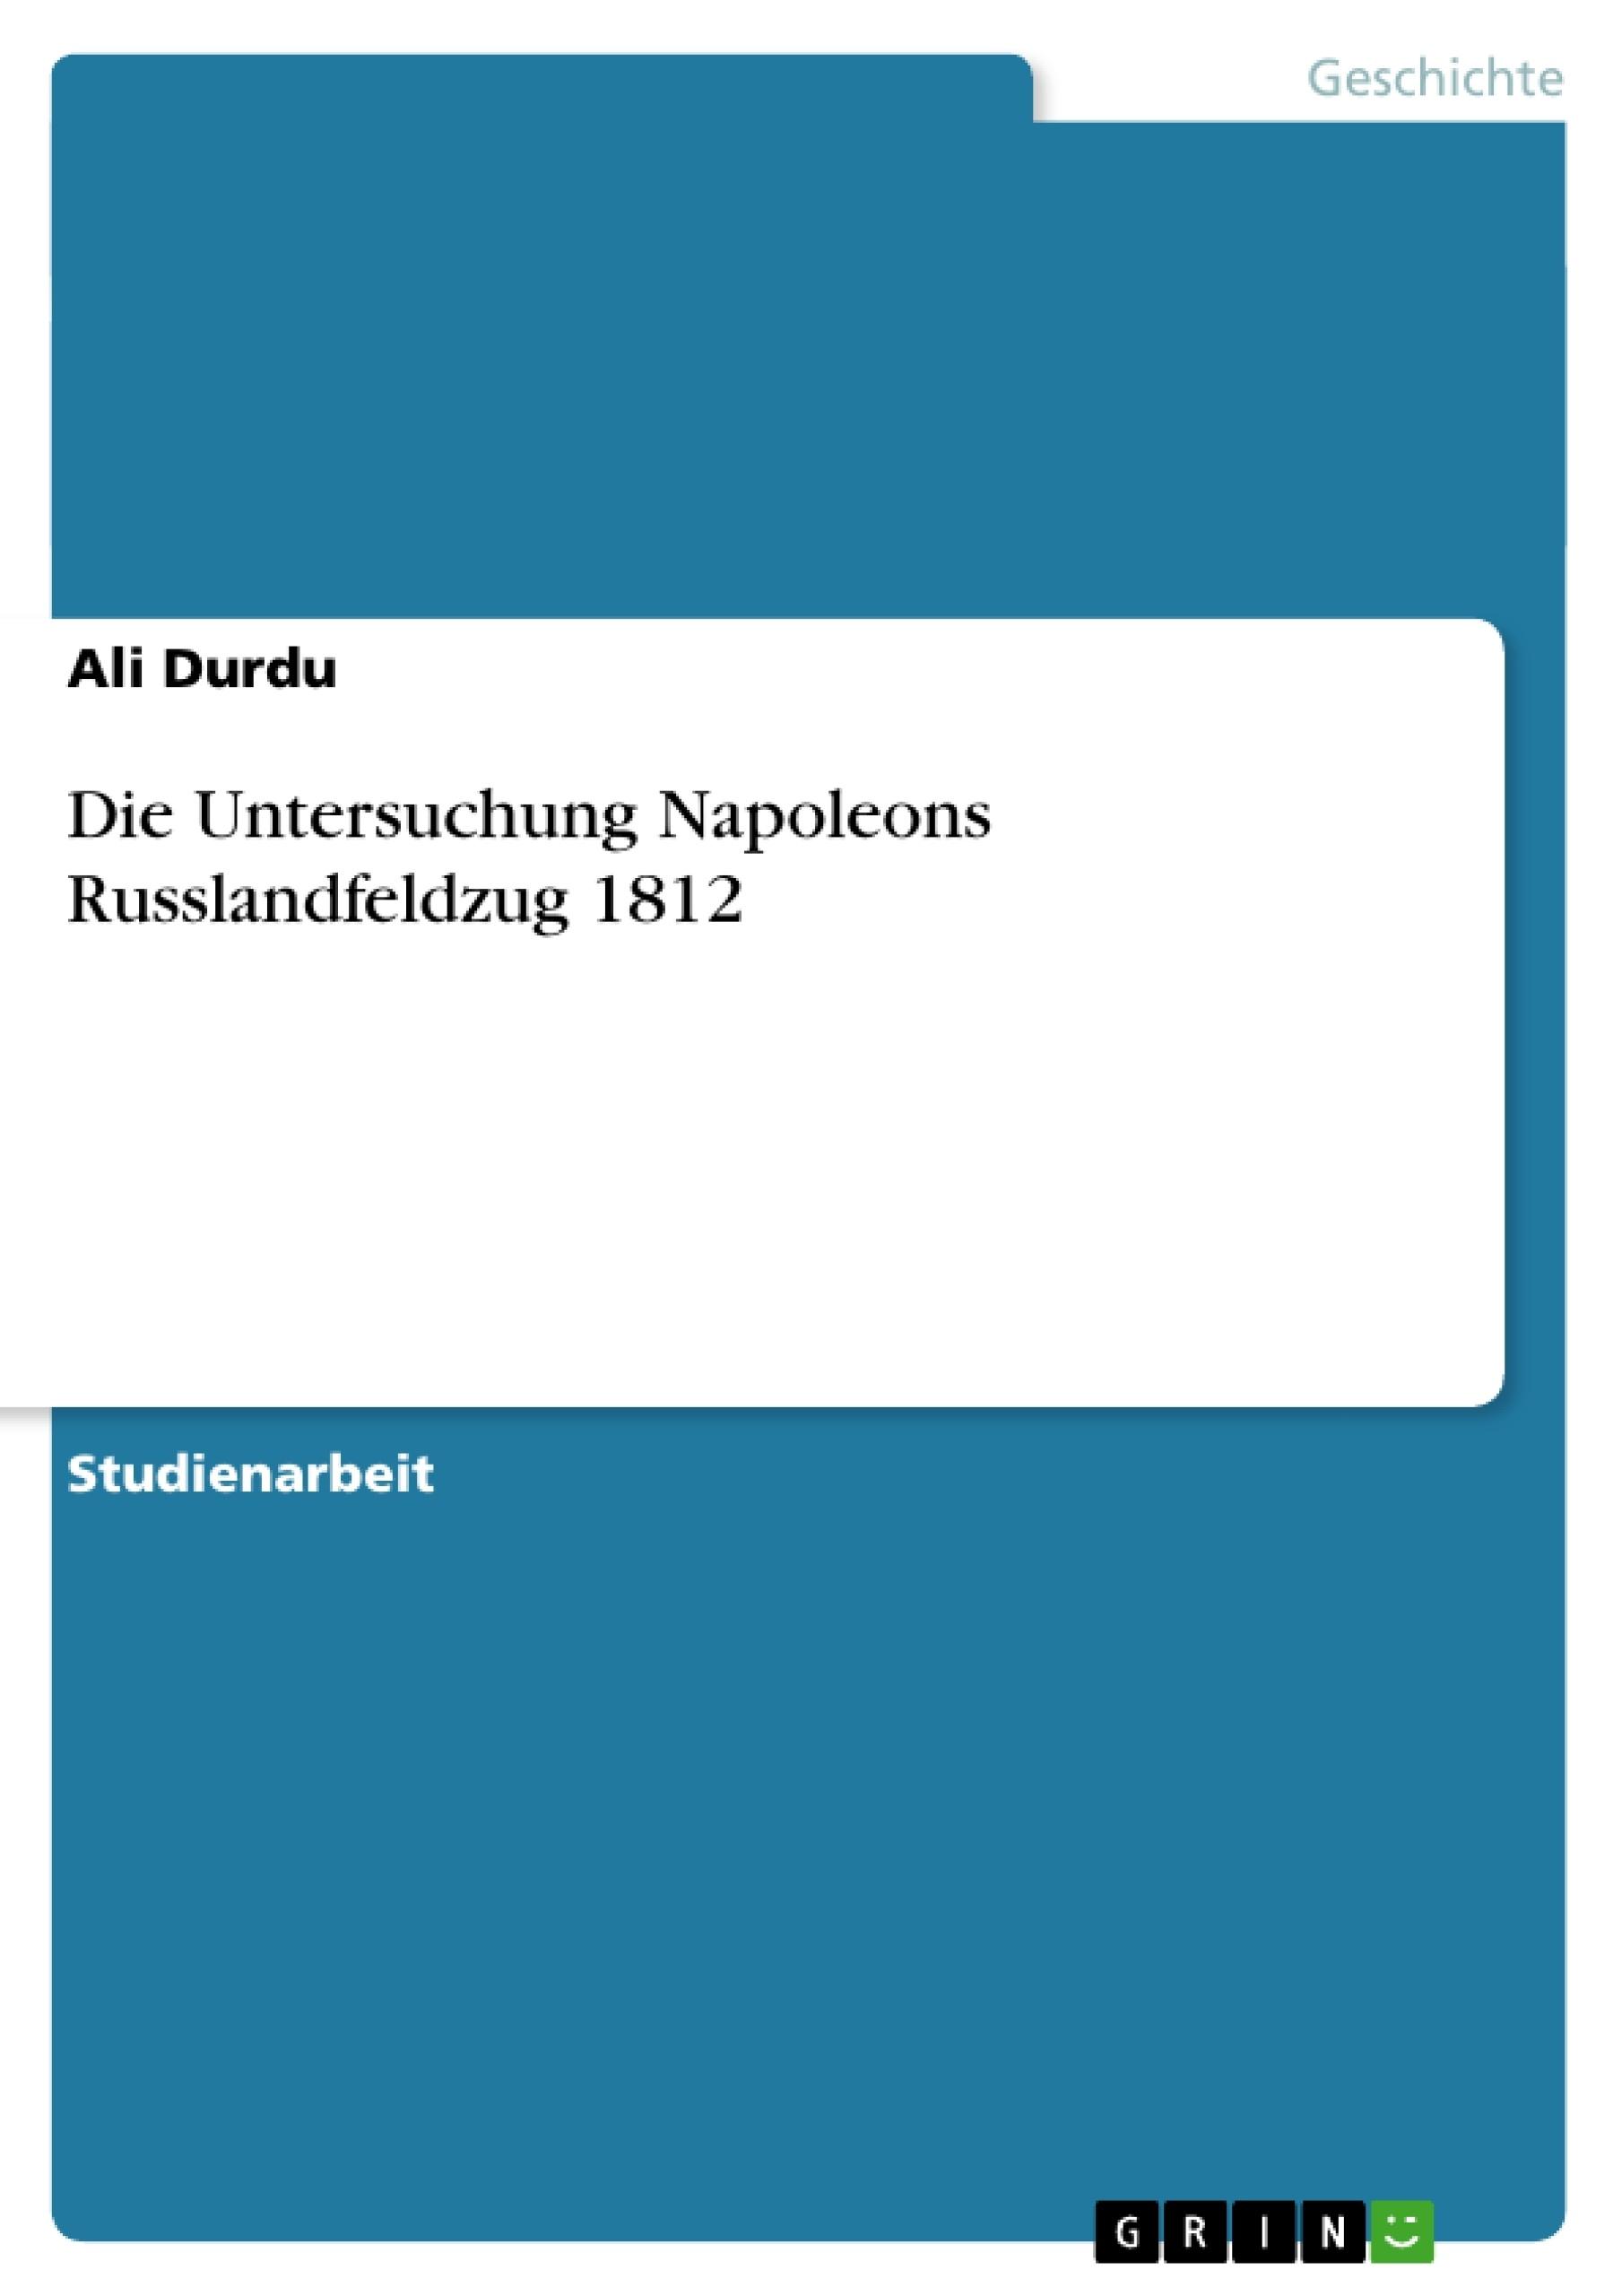 Titel: Die Untersuchung Napoleons Russlandfeldzug 1812